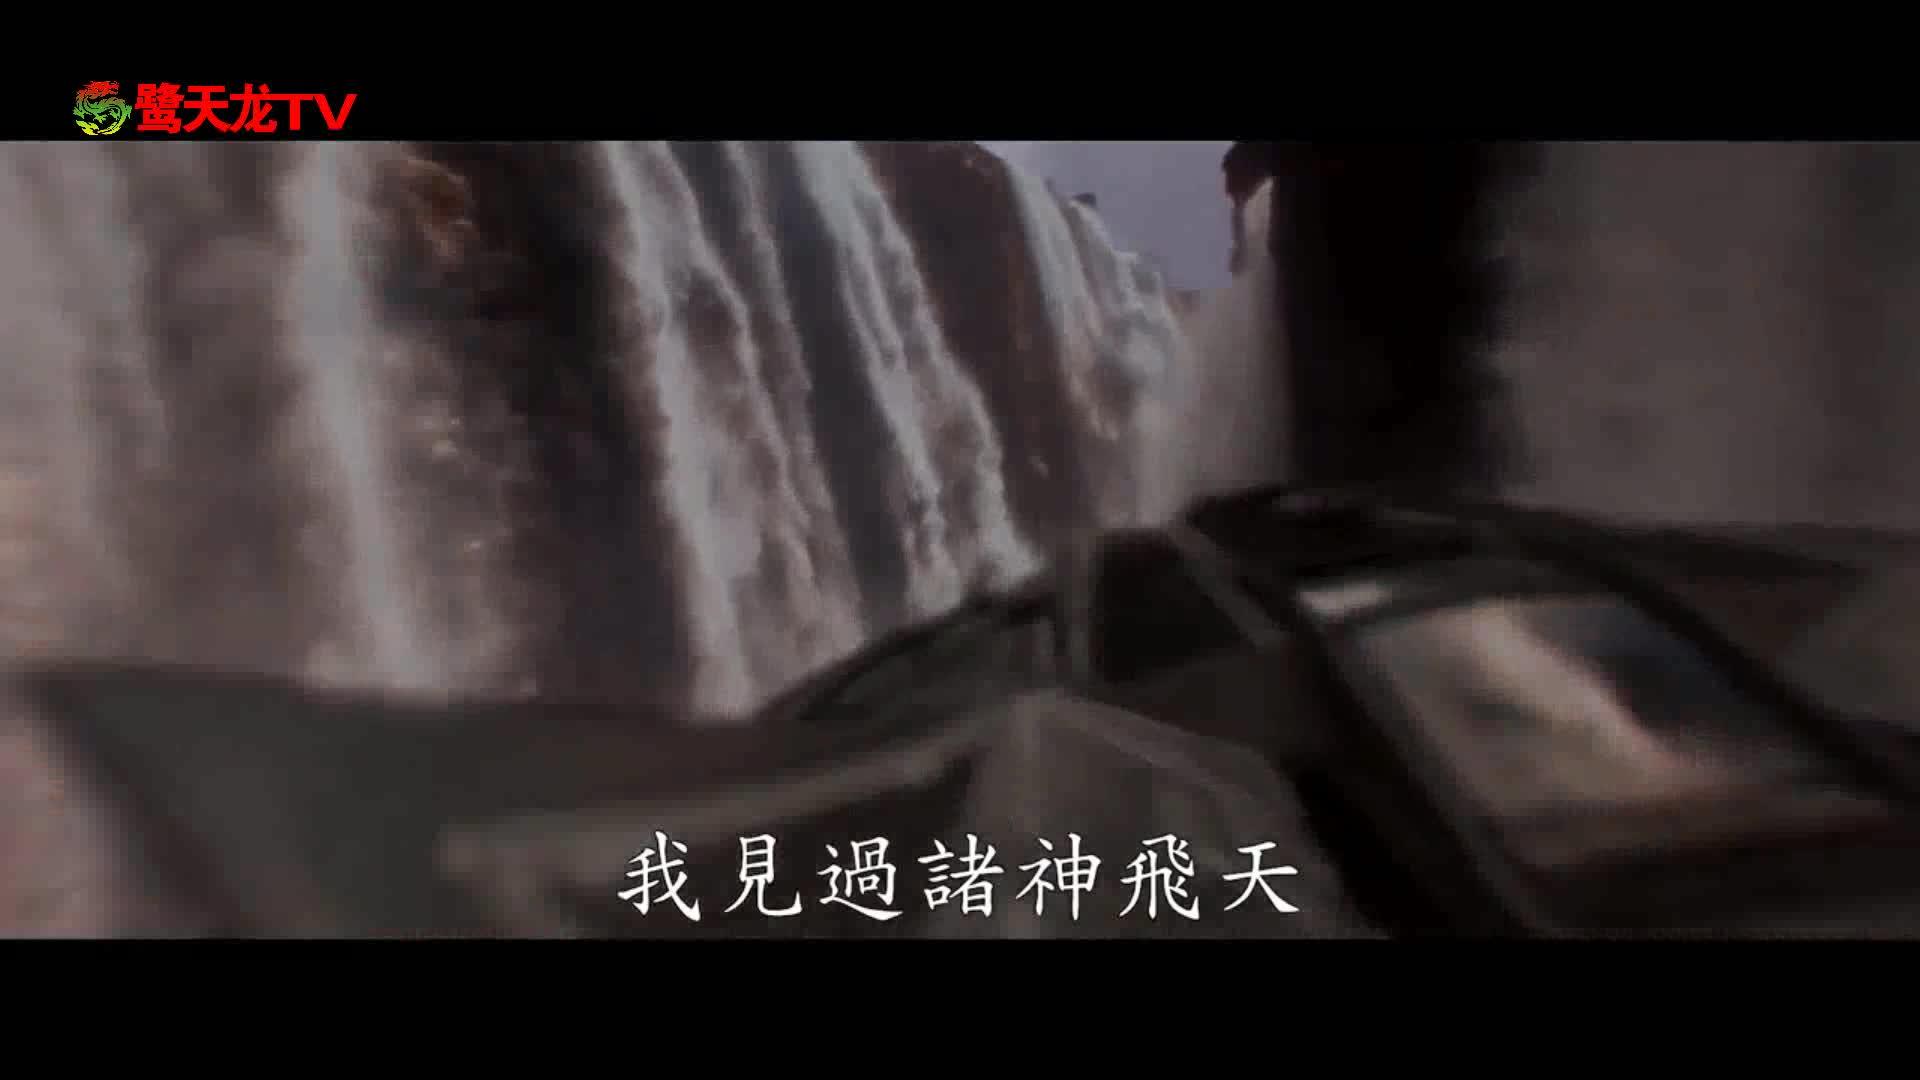 《黑豹》中文版正式预告 真假黑豹大战上演